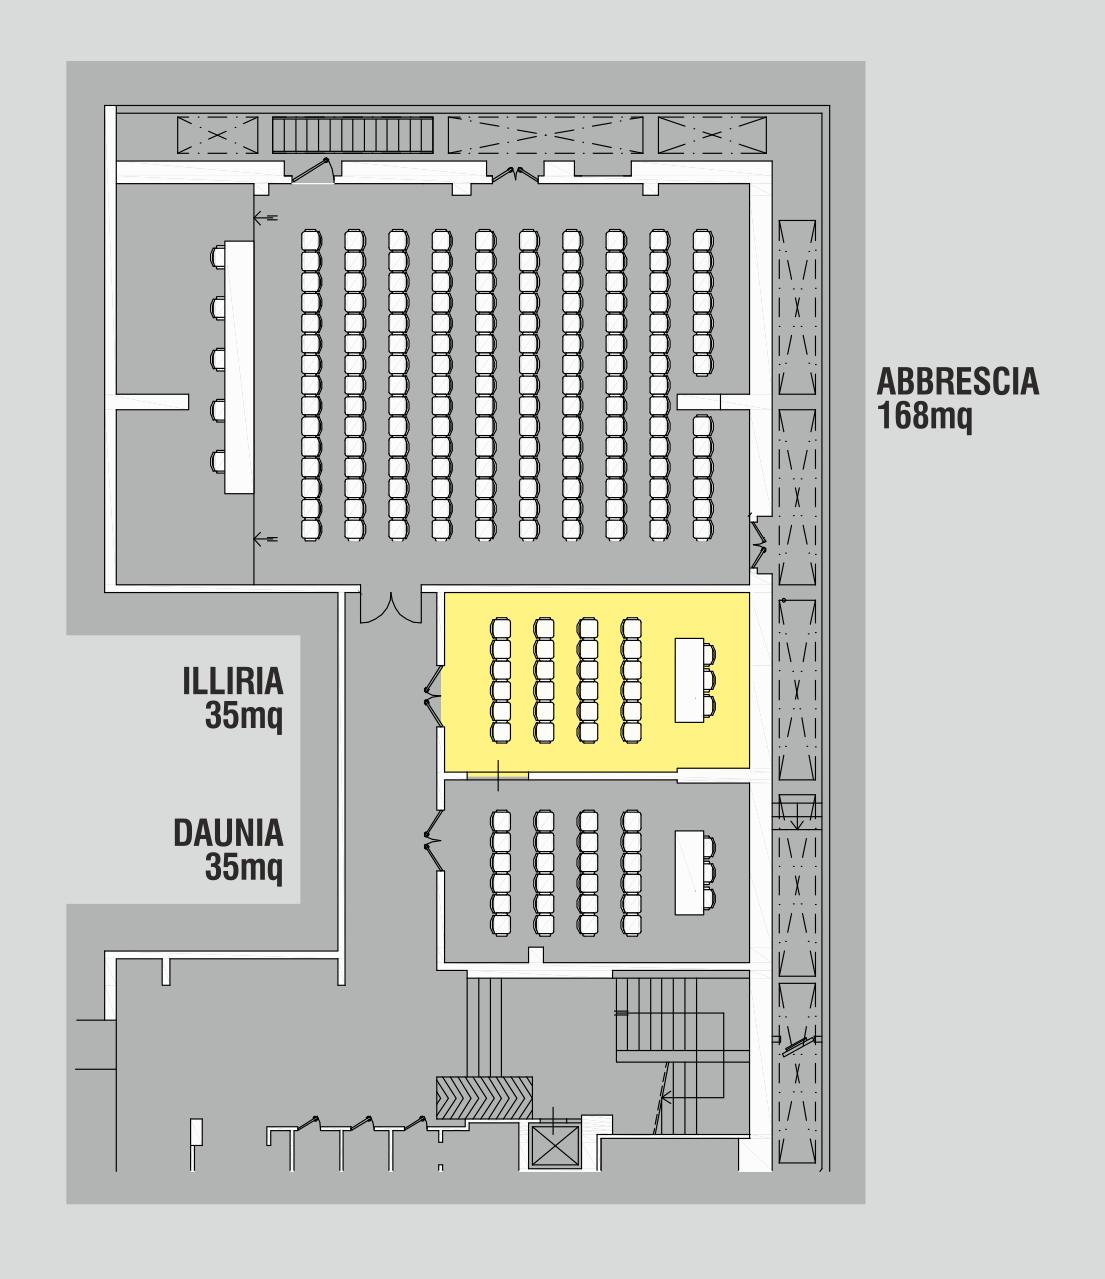 Sala Illiria